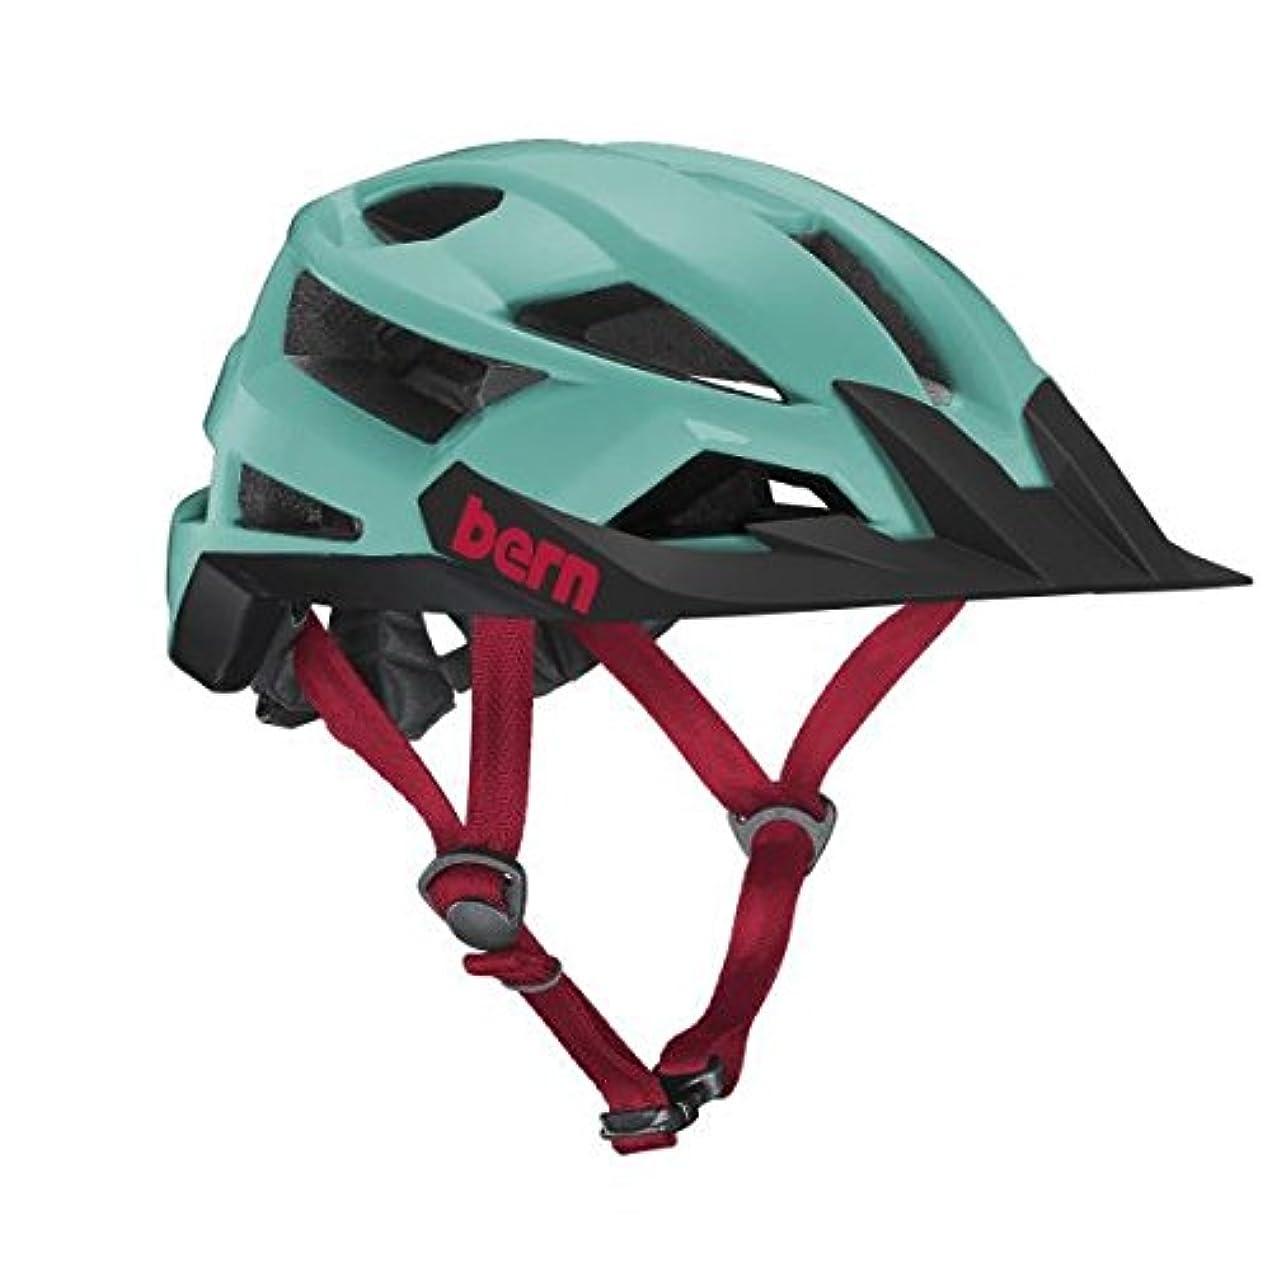 ガイドライン私たちのものもベルンFL-1 XCミップスヘルメット - マットターコイズラージ